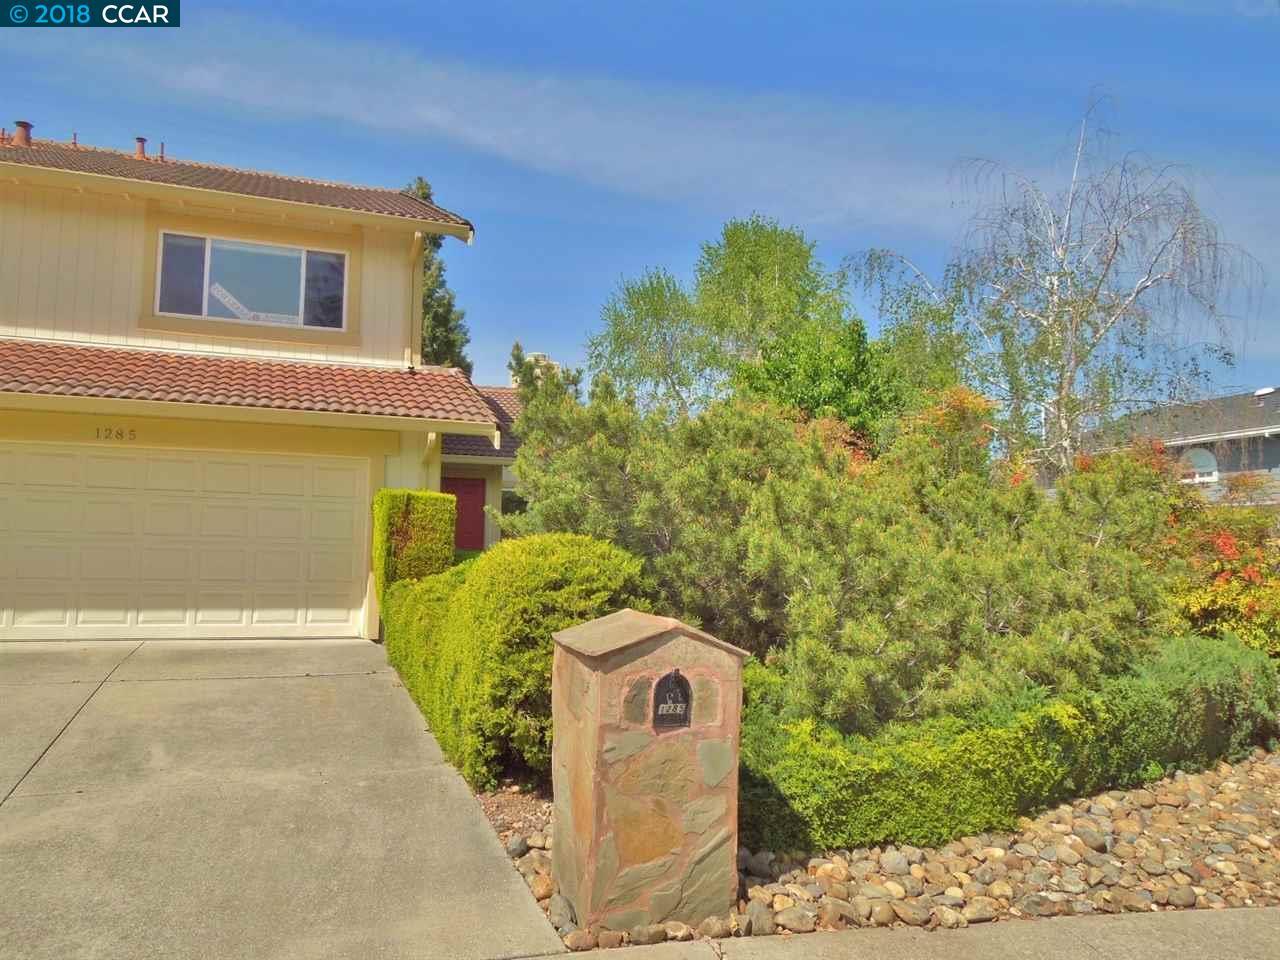 متعددة للعائلات الرئيسية للـ Rent في 1285 Sheppard Court 1285 Sheppard Court Walnut Creek, California 94598 United States